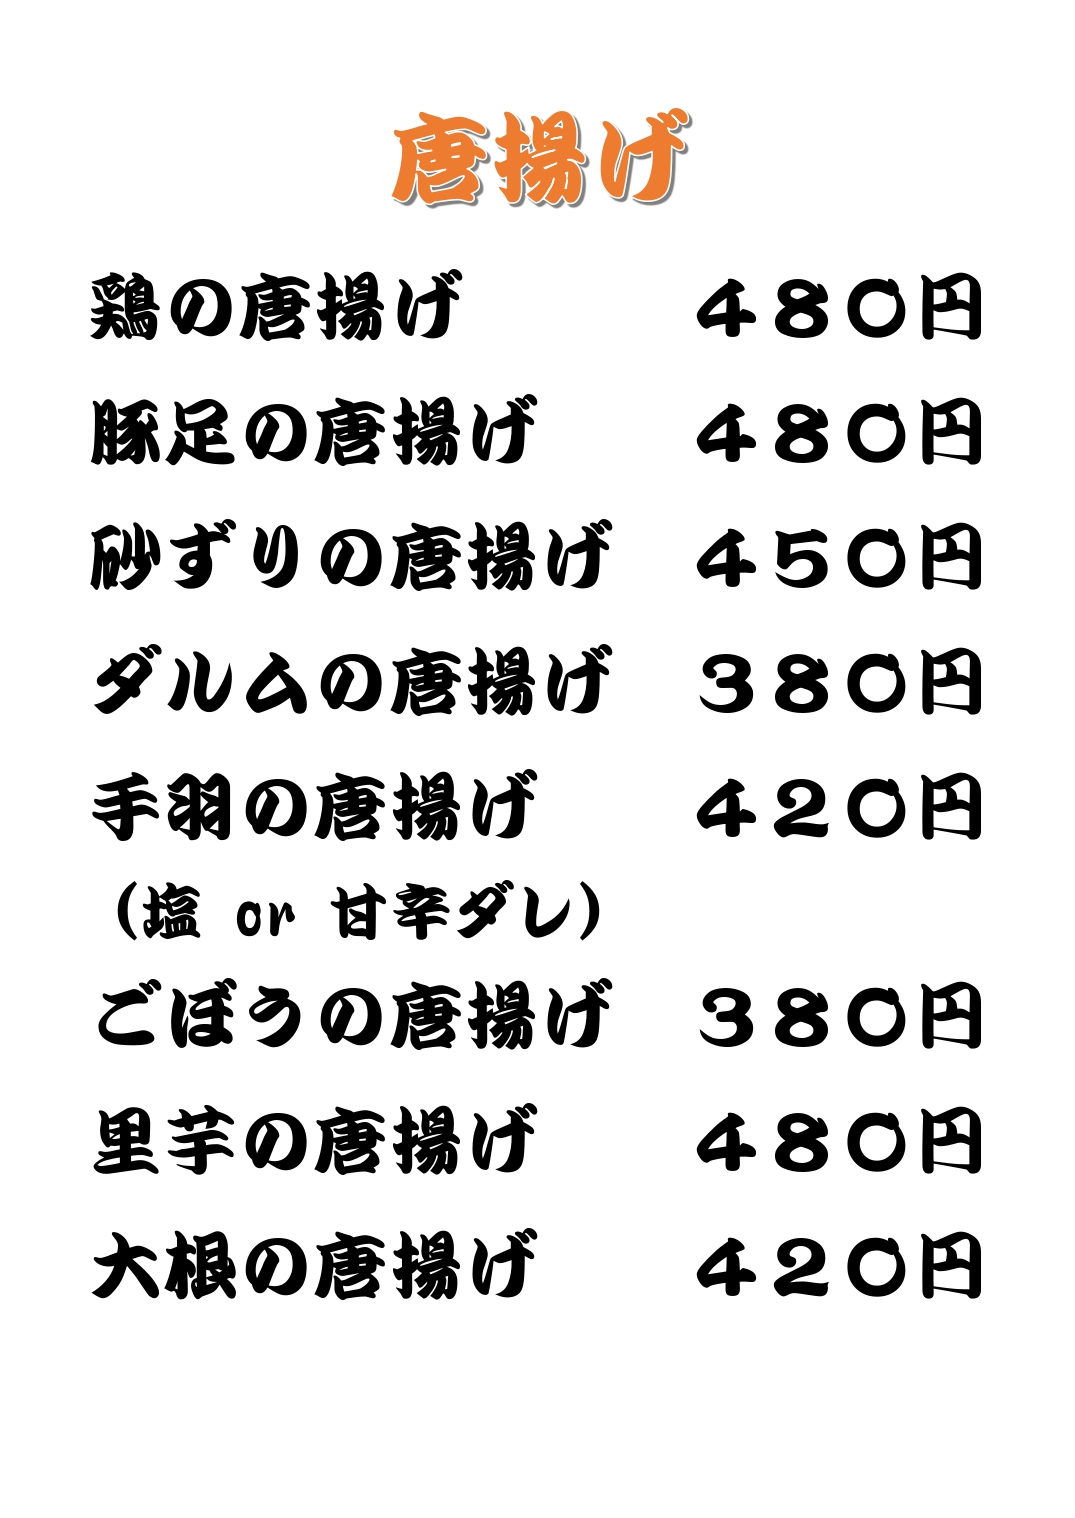 揚げ物・焼き物メニュー_page-0001.jpg